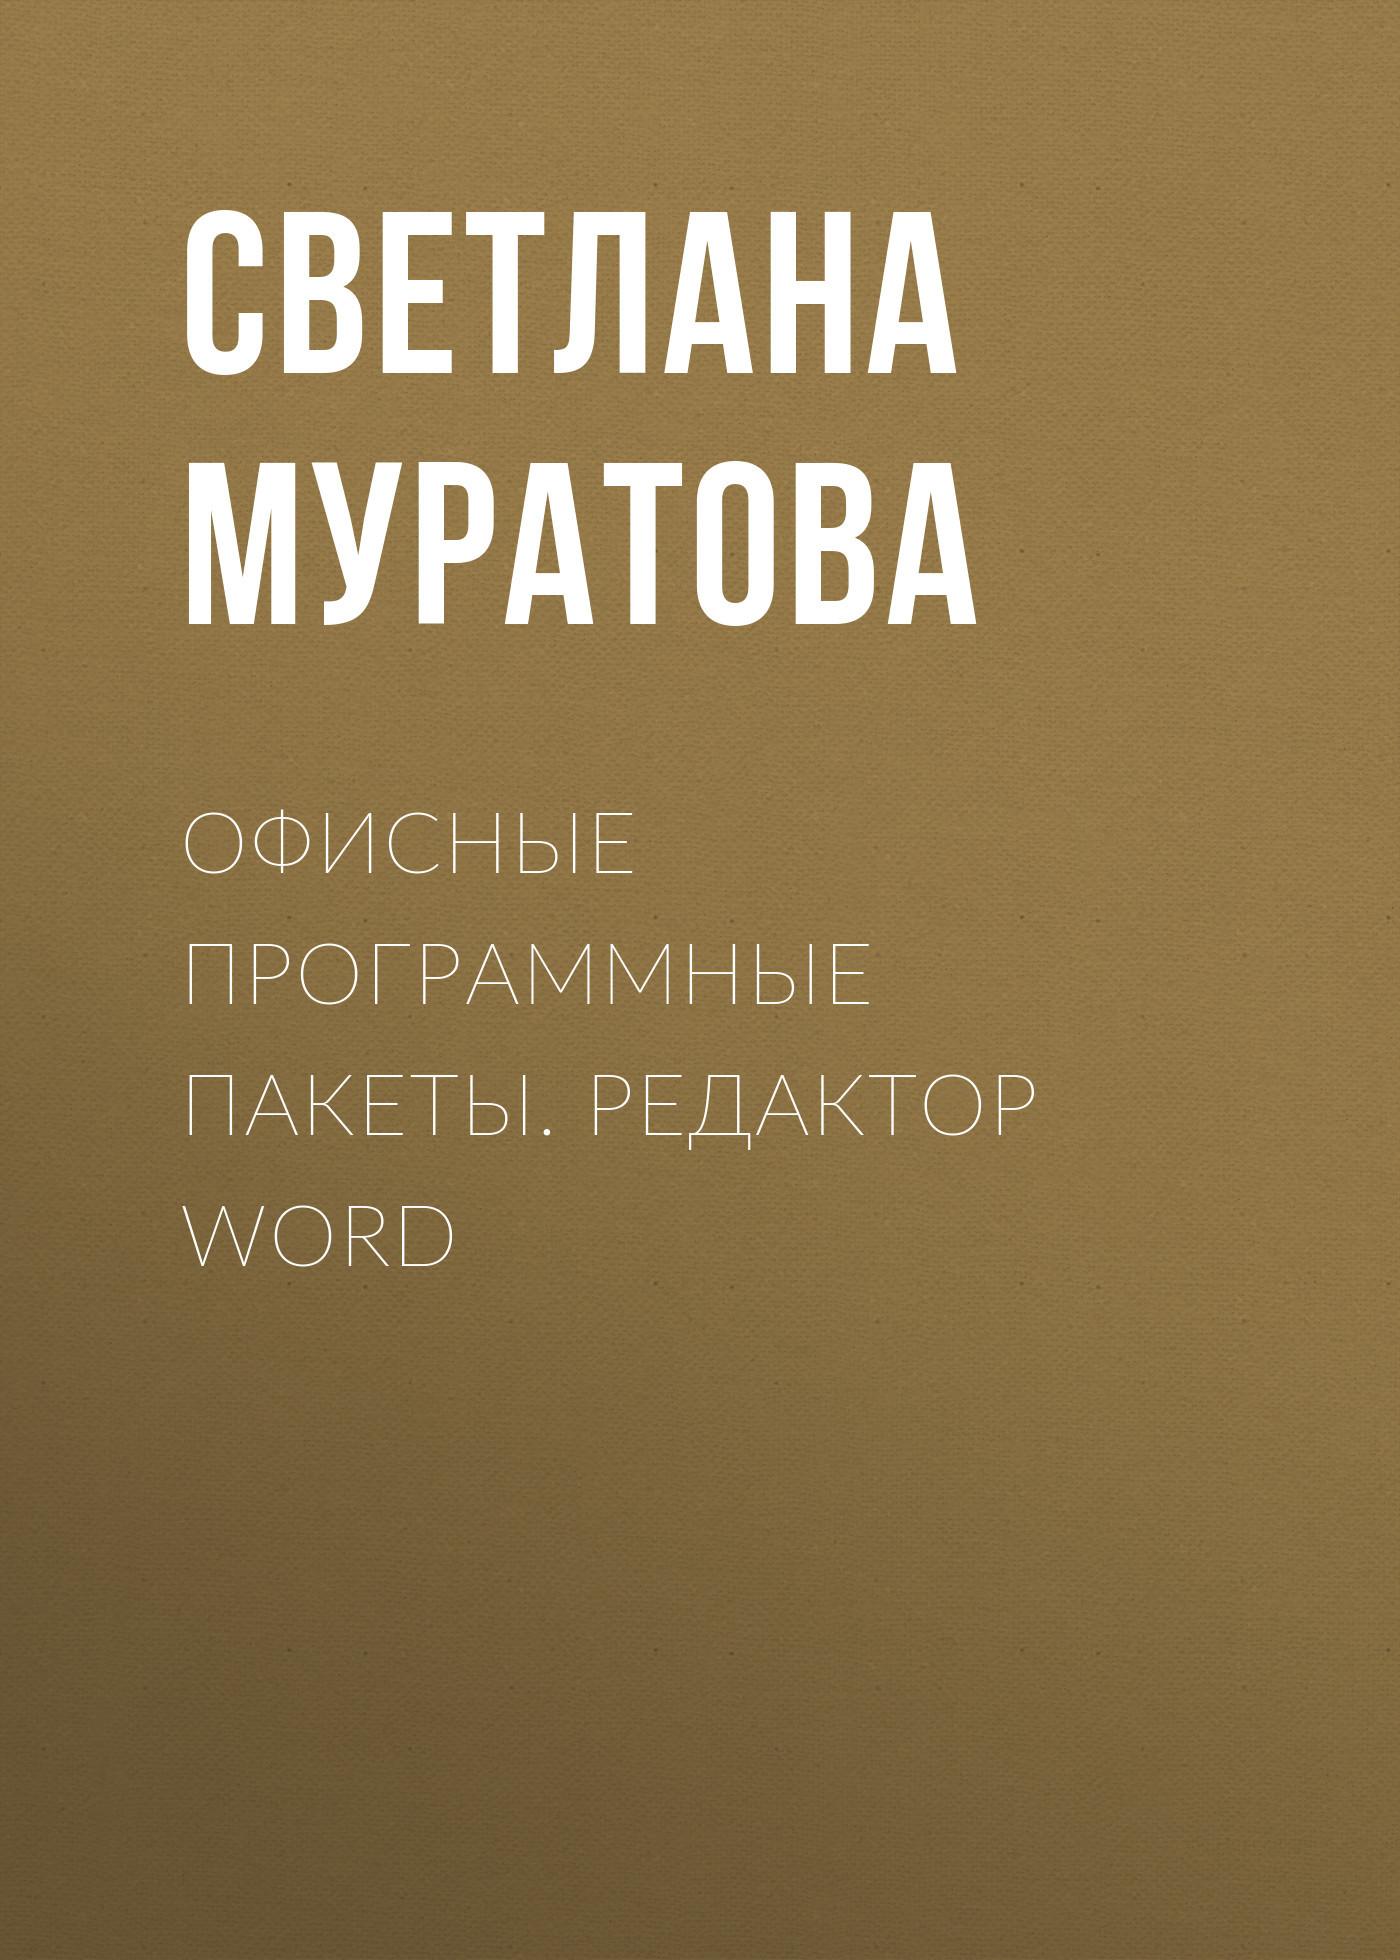 Светлана Муратова Офисные программные пакеты. Редактор WORD купить в украине банкетки скамейки офисные